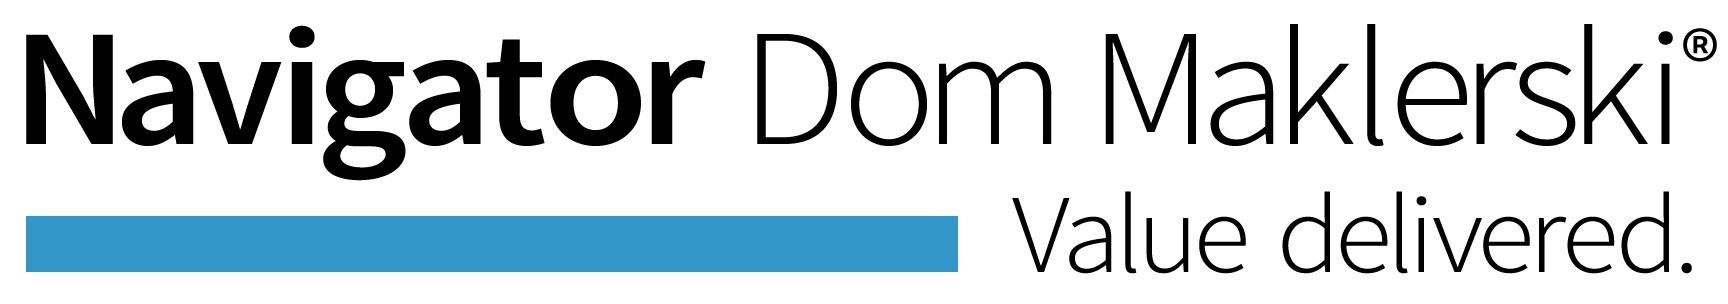 NAVIGATOR_DOM_MAKLERSKI_CMYK__Logo_Color_Basic